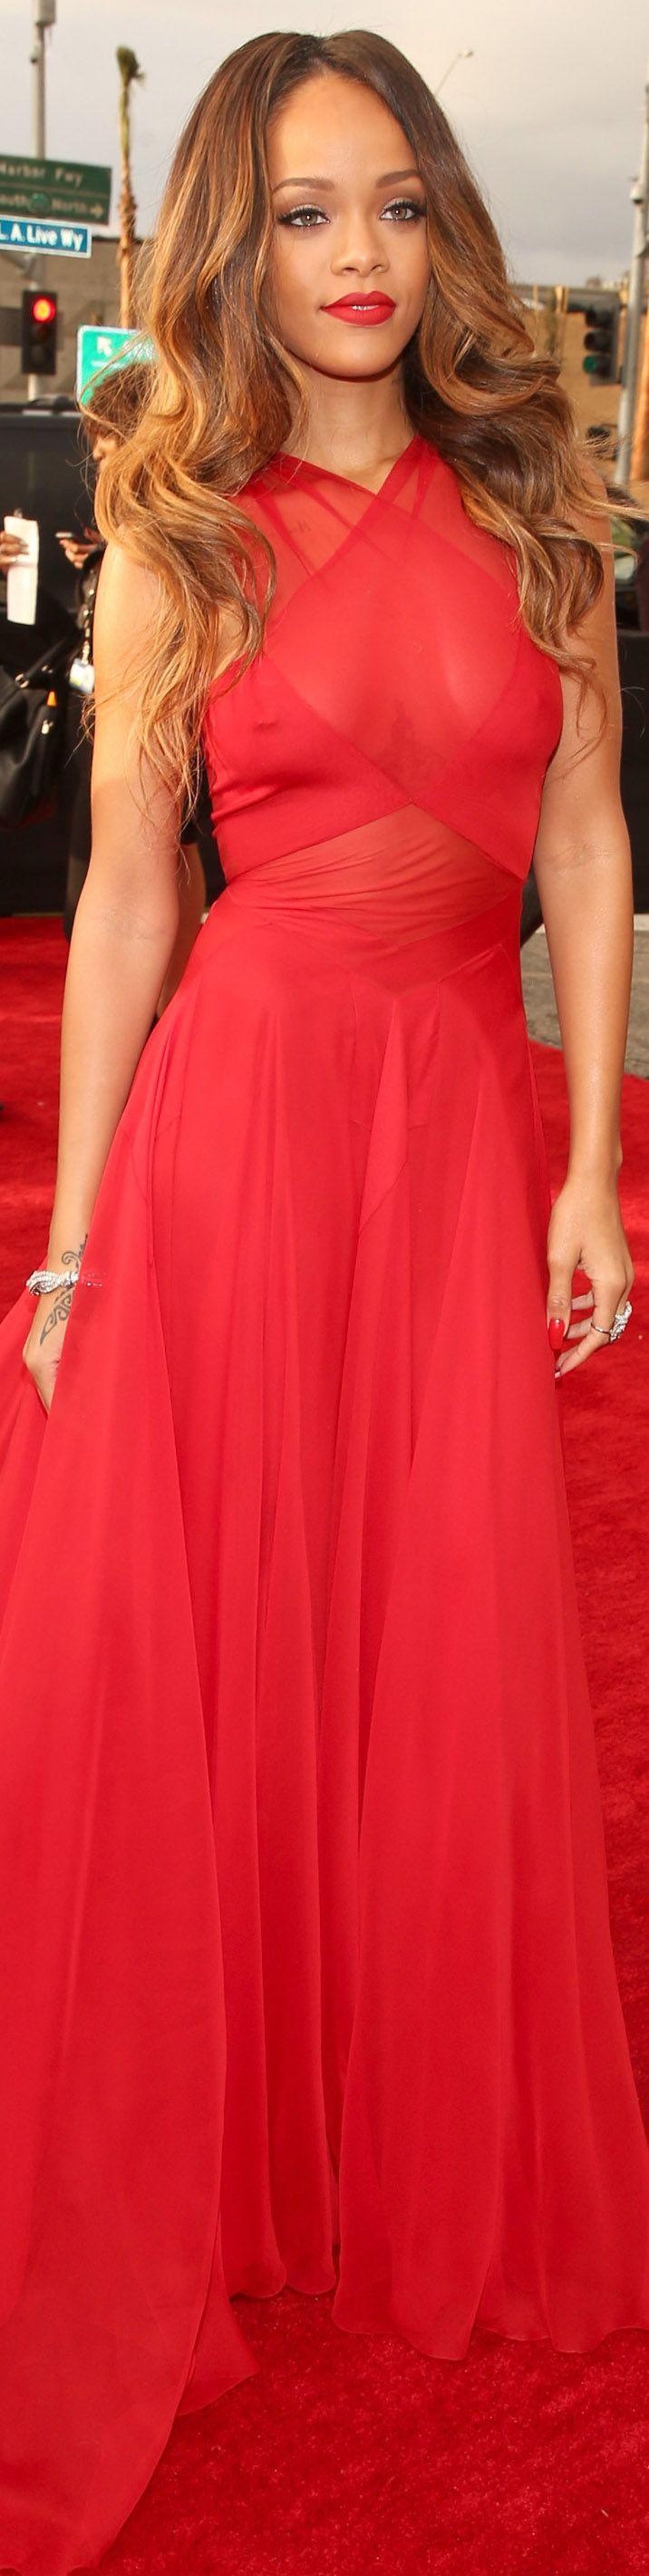 El vestido de Rihanna en los Grammy